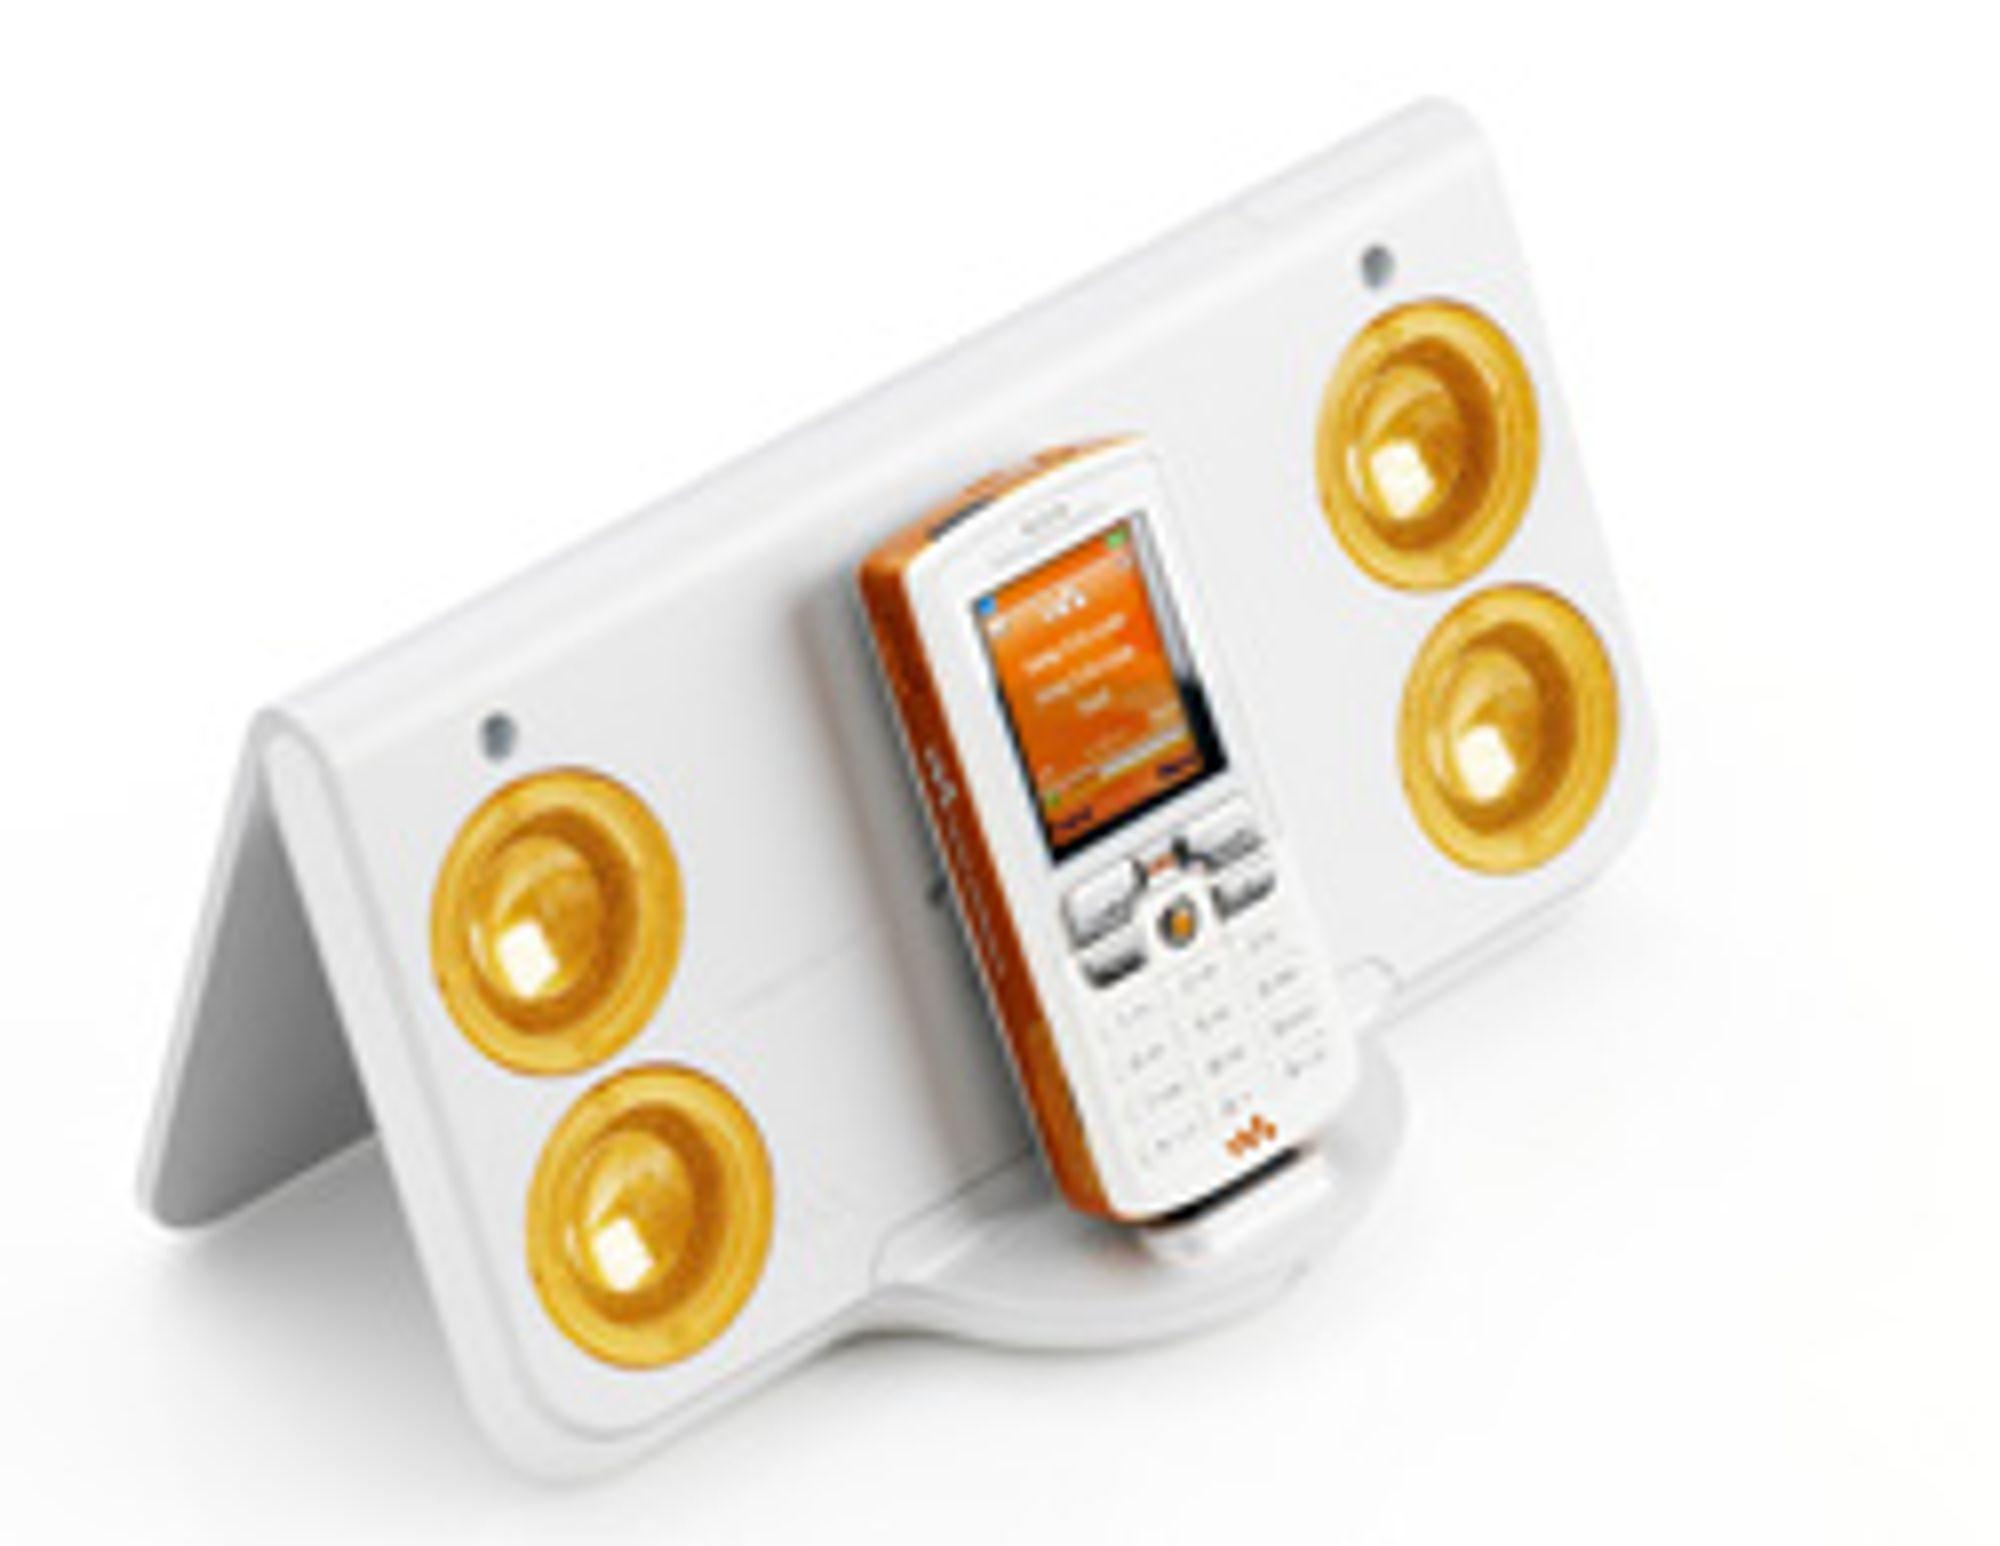 Høyttalere til Sony Ericssons Walkman-telefoner. (Foto: Sony Ericsson)